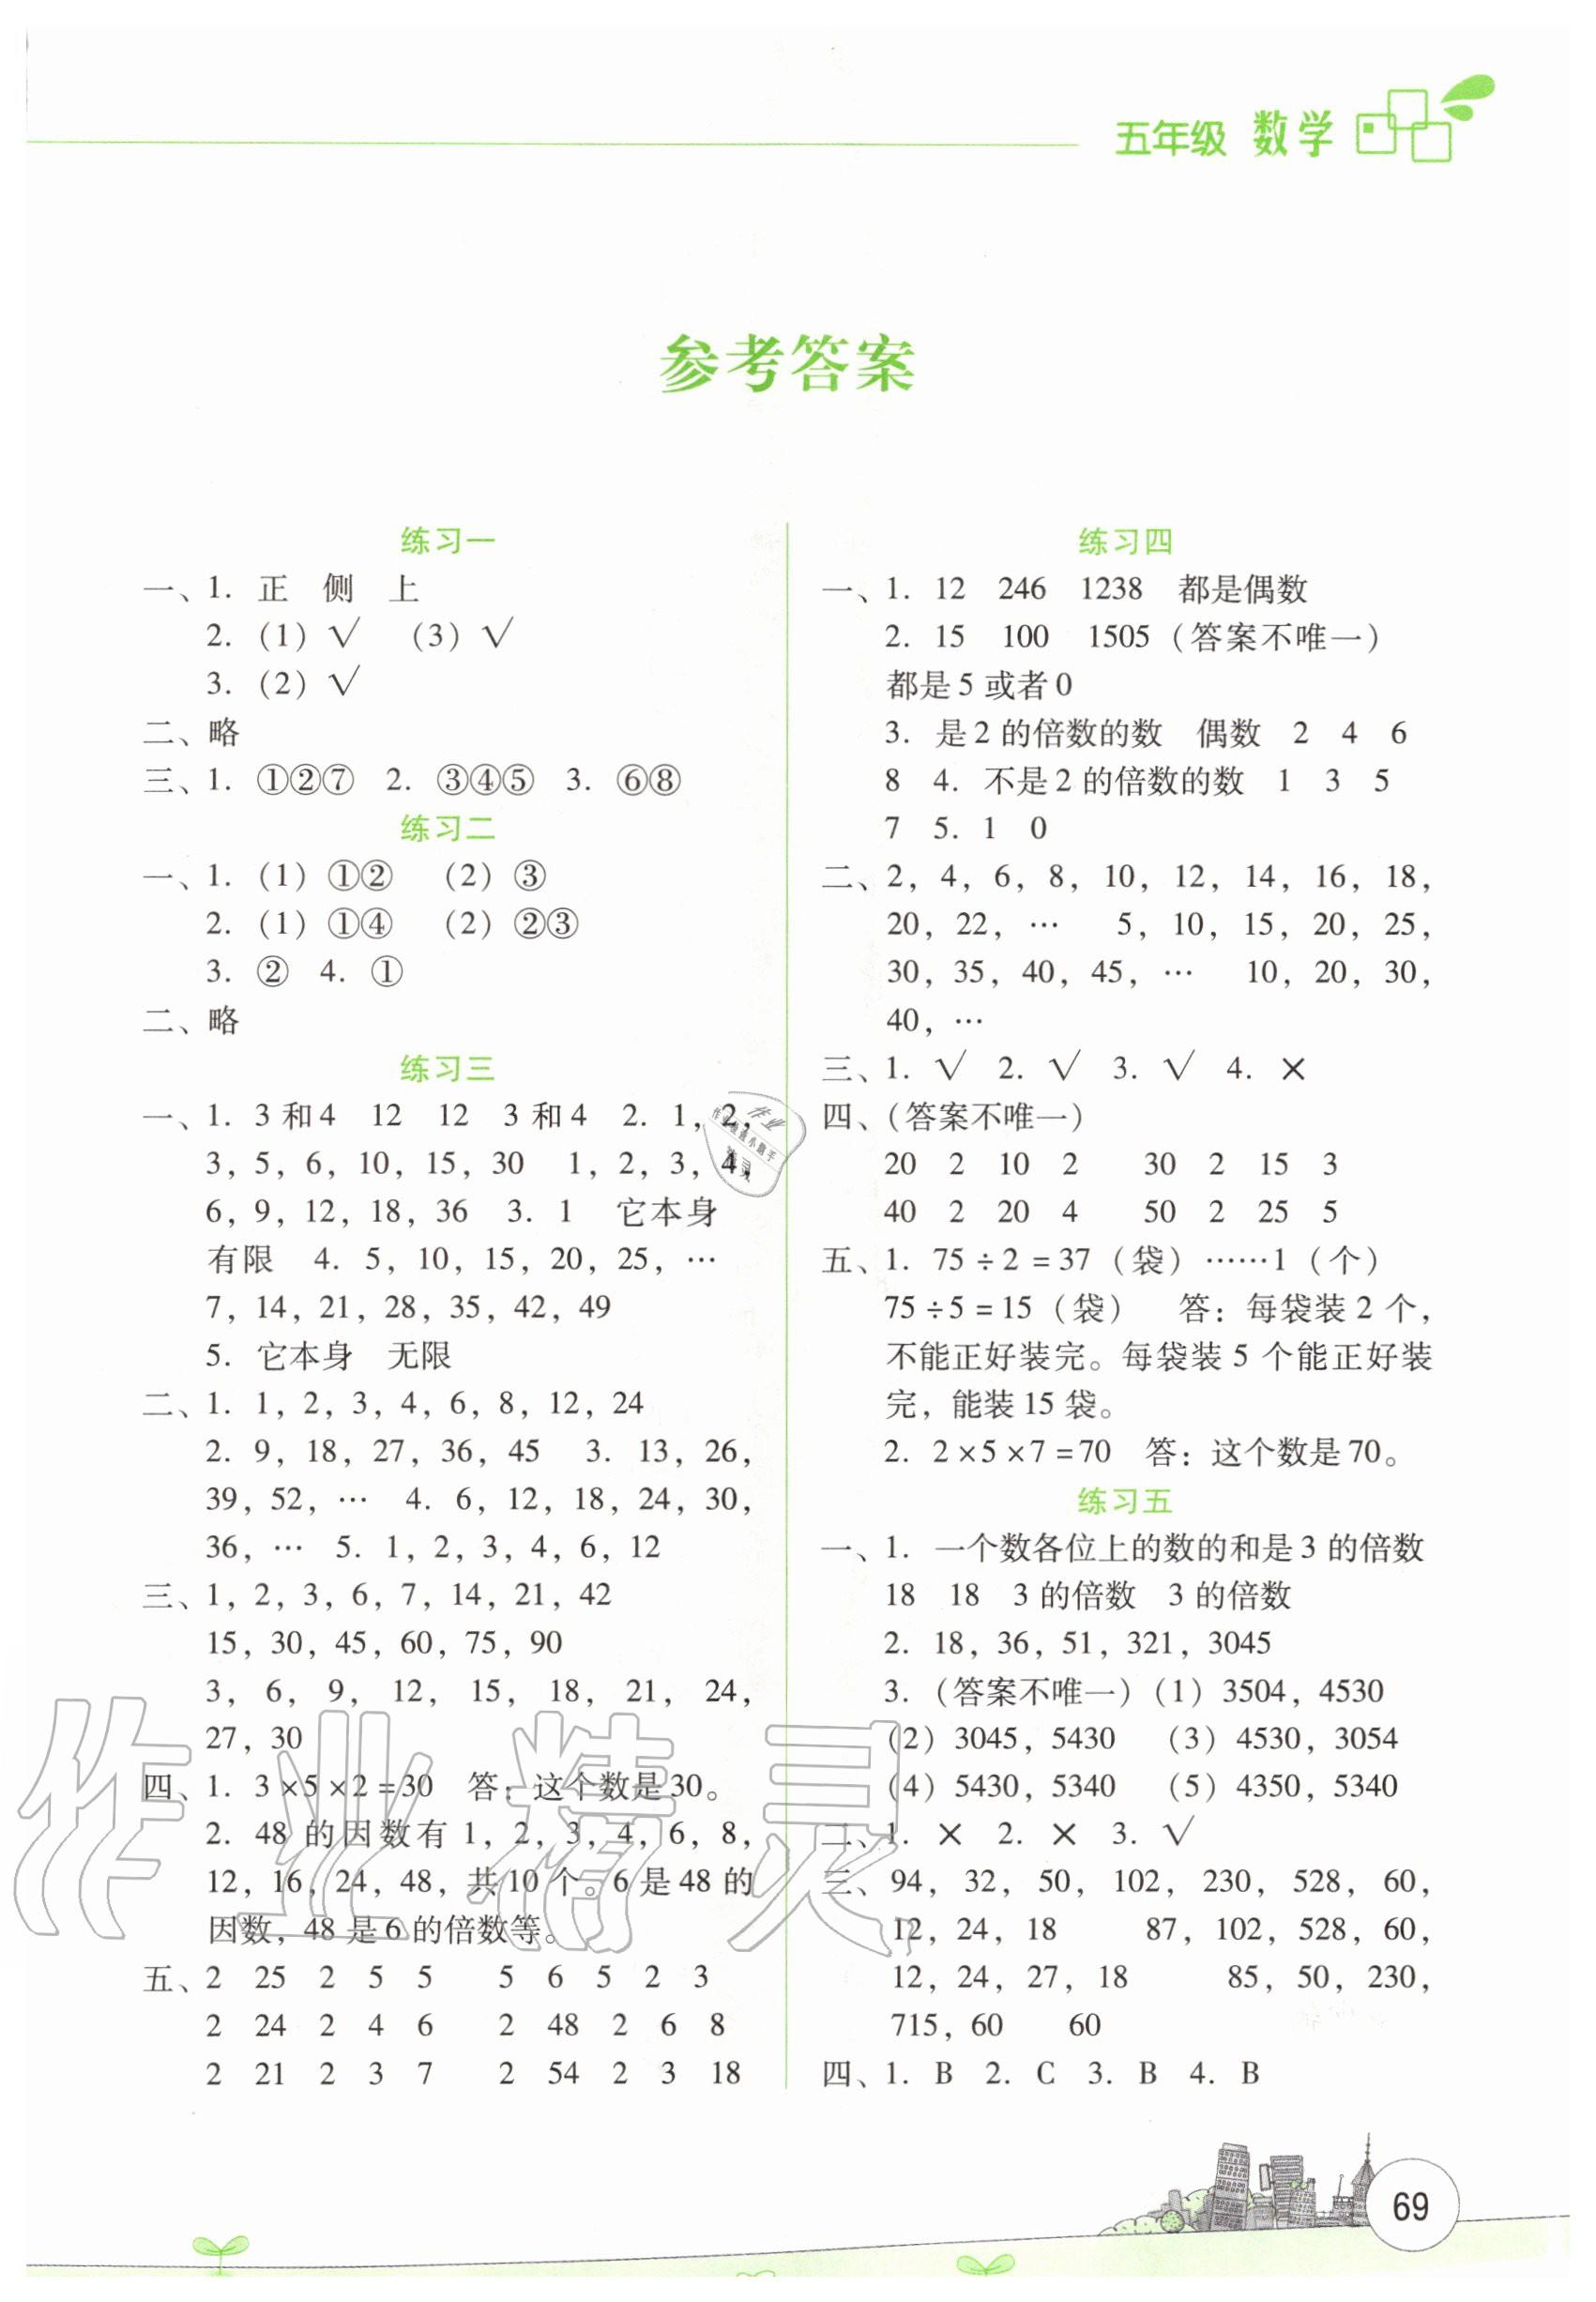 2020年暑假活动边学边玩五年级数学云南大学出版社第1页